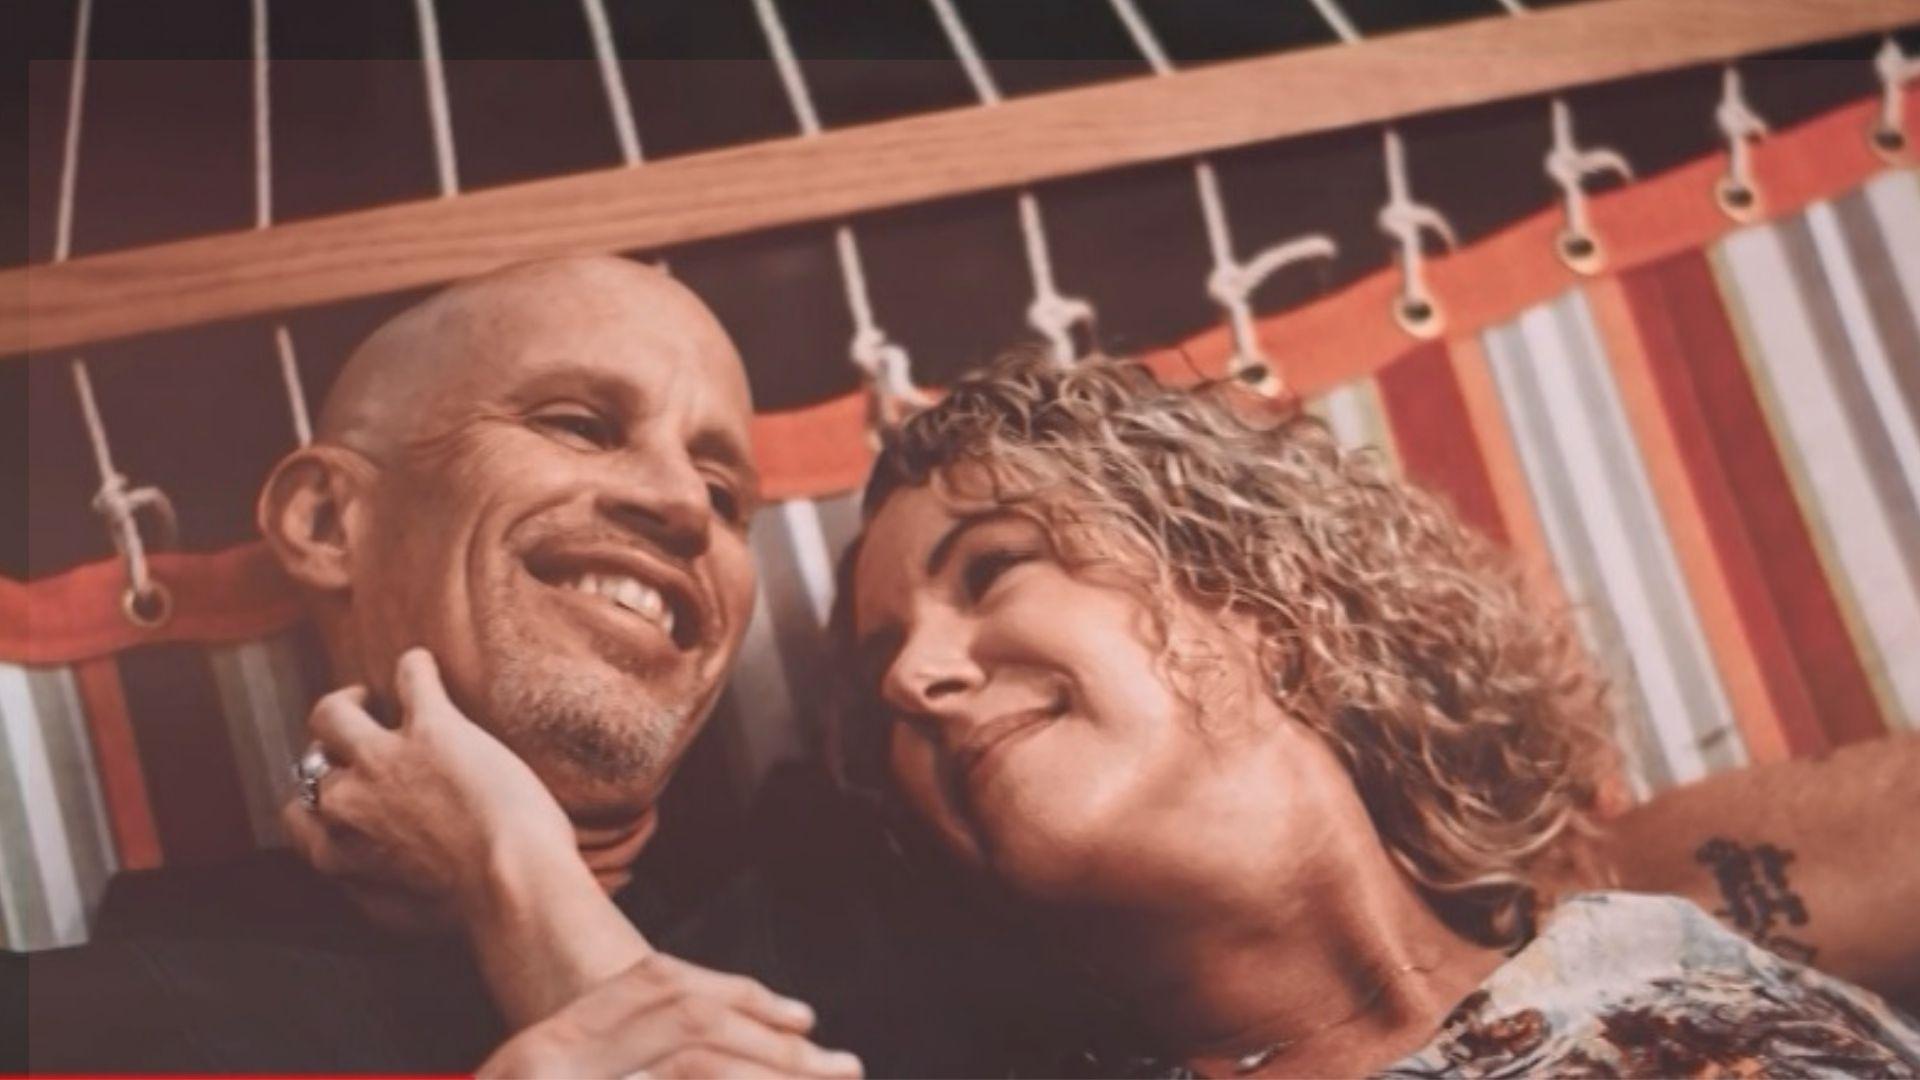 Diagnosticado com Alzheimer em 2018, Peter esqueceu de momentos especiais, comemorações, viagens, amigos e também da esposa. Foto: Reprodução/CNN